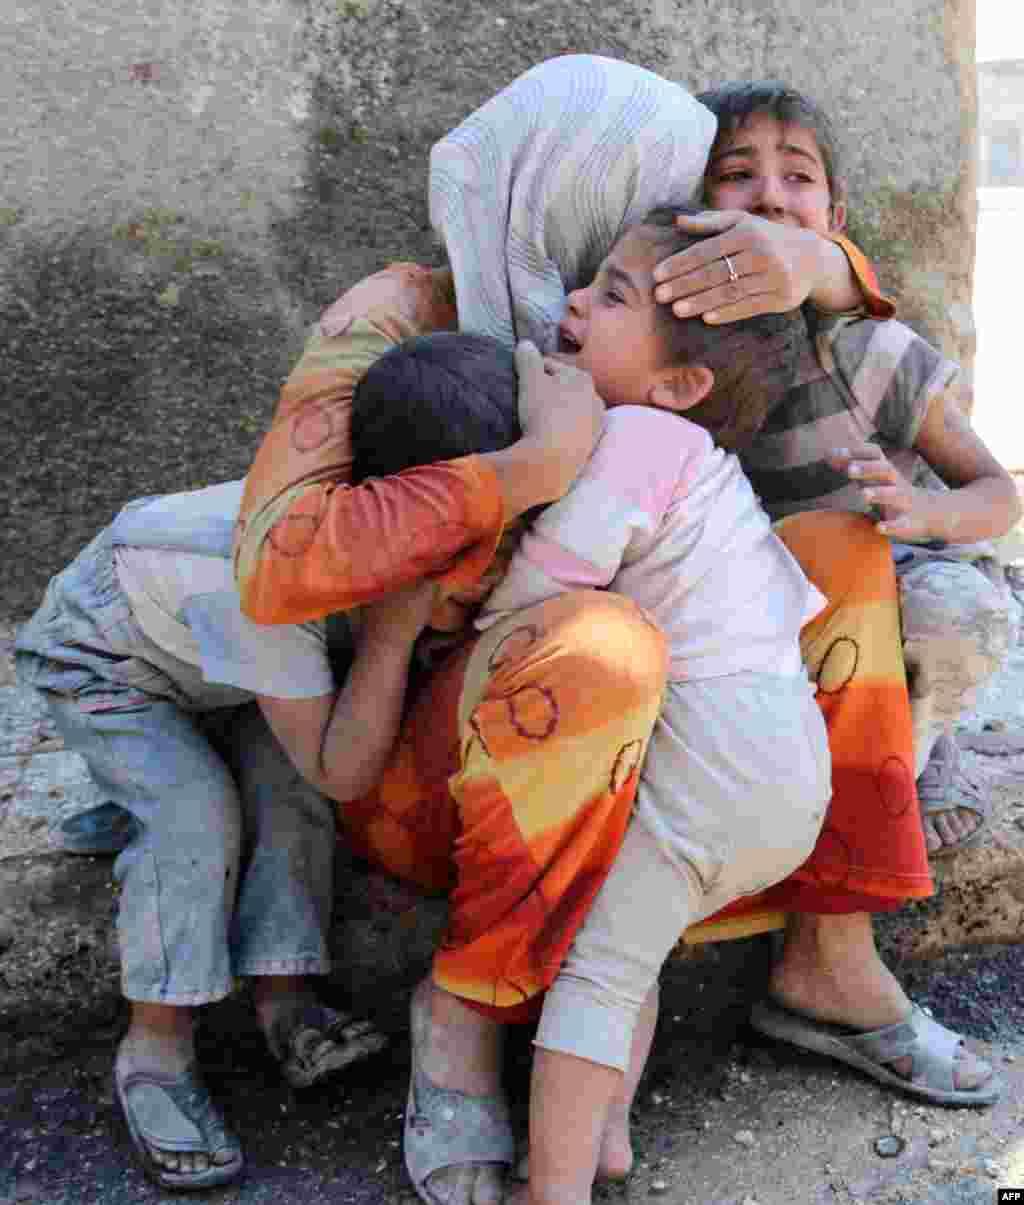 시리아 북부 알레포 시에서 폭탄테러가 발생한 후, 겁에 질린 아이들이 엄마 품에 안겨 울고 있다.